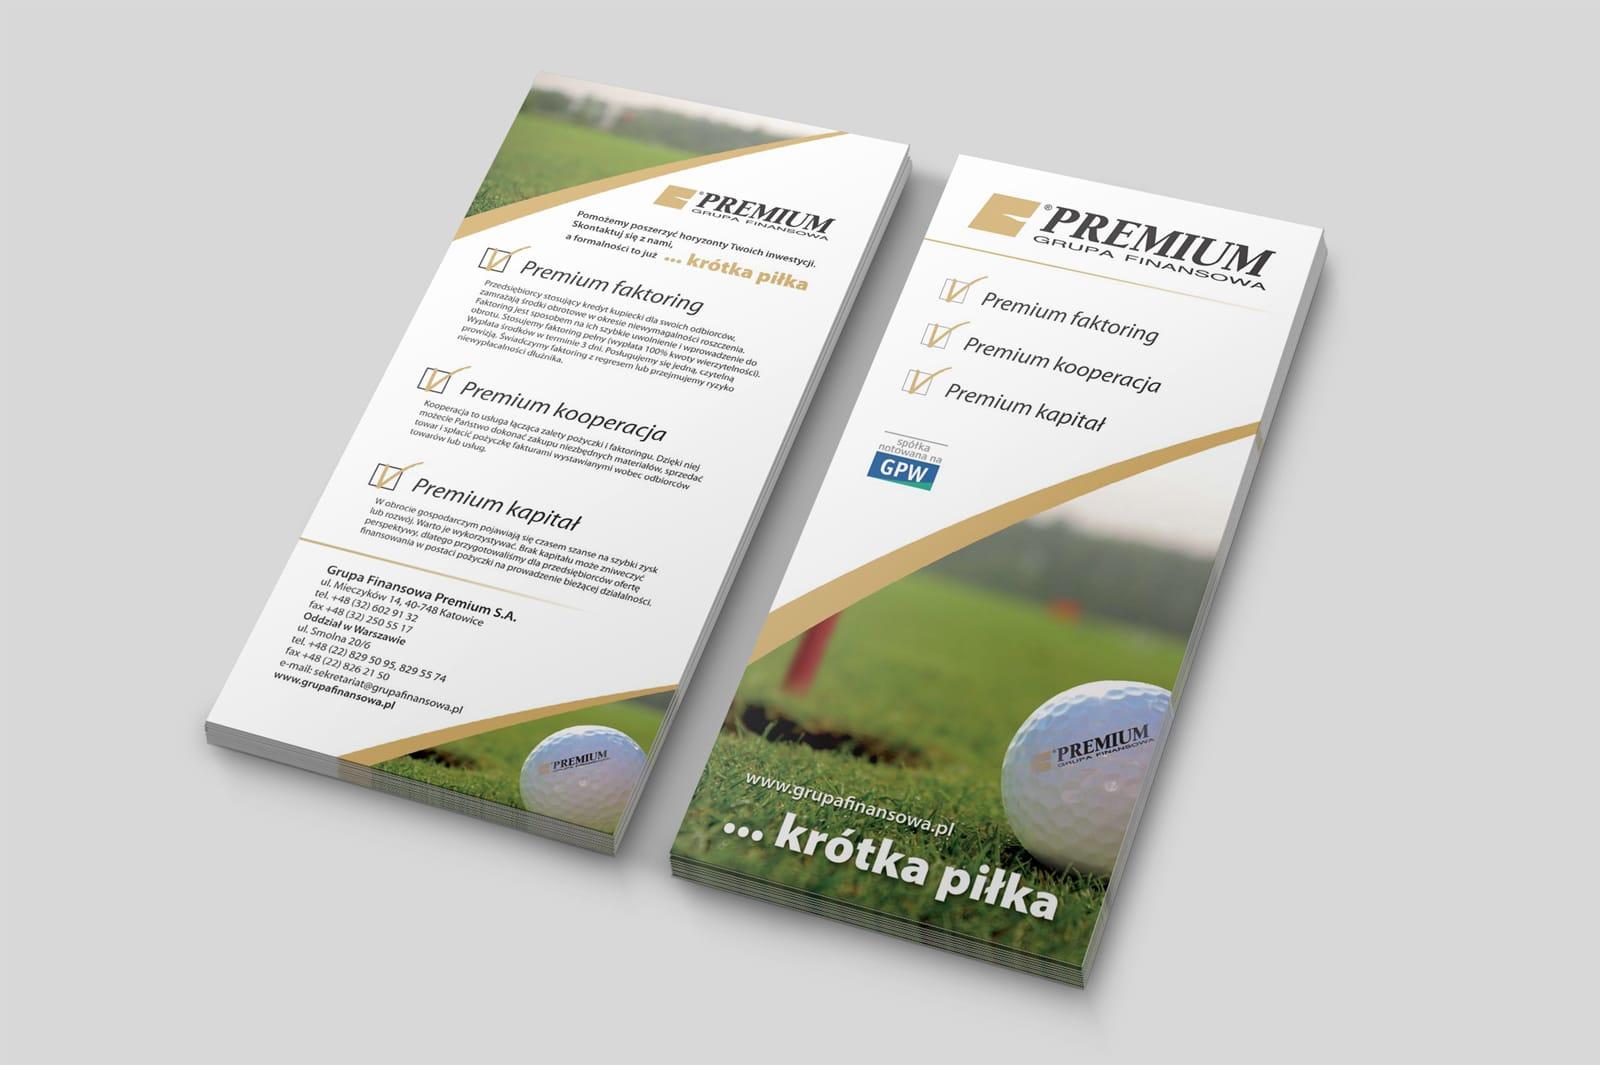 Grupa Finansowa Premium S.A. ulotki informacyjne